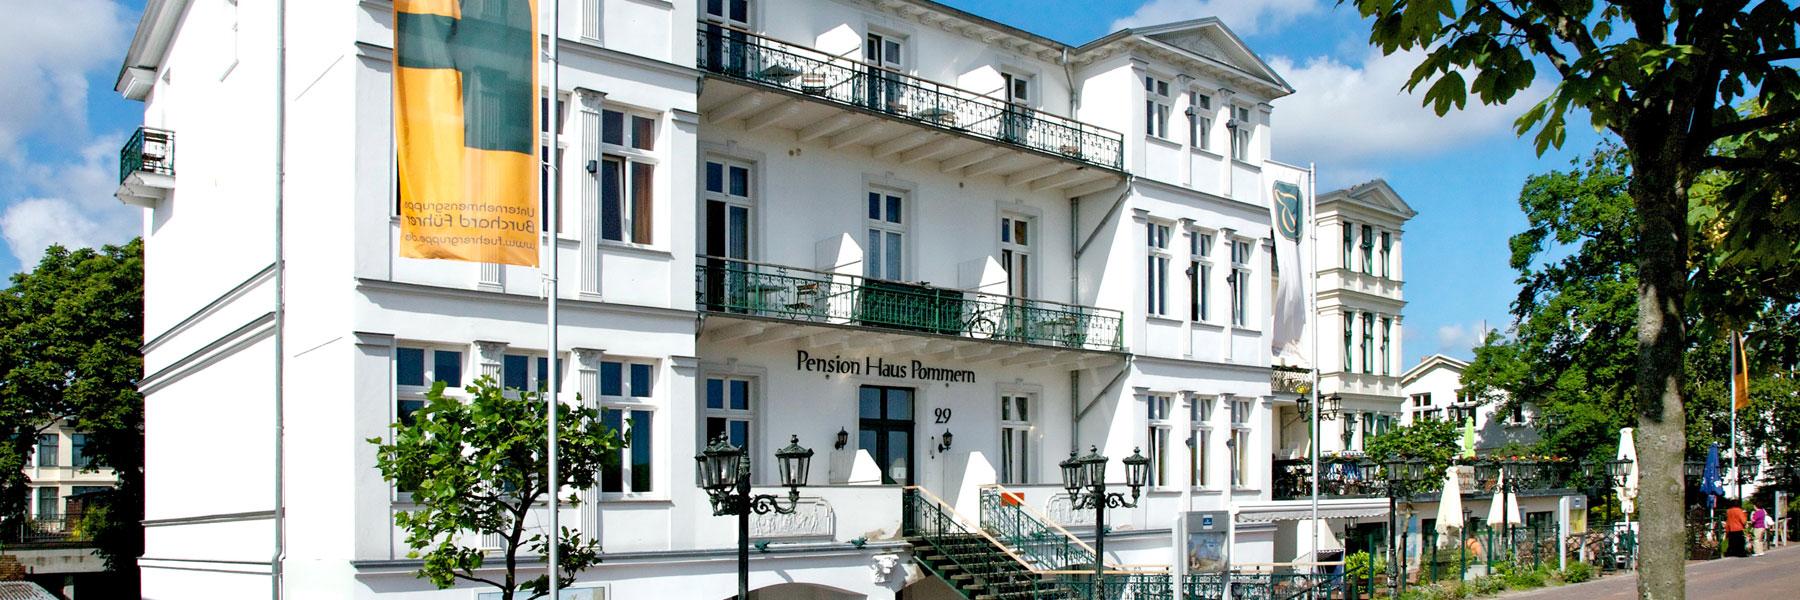 Hausansicht - Pension Haus Pommern